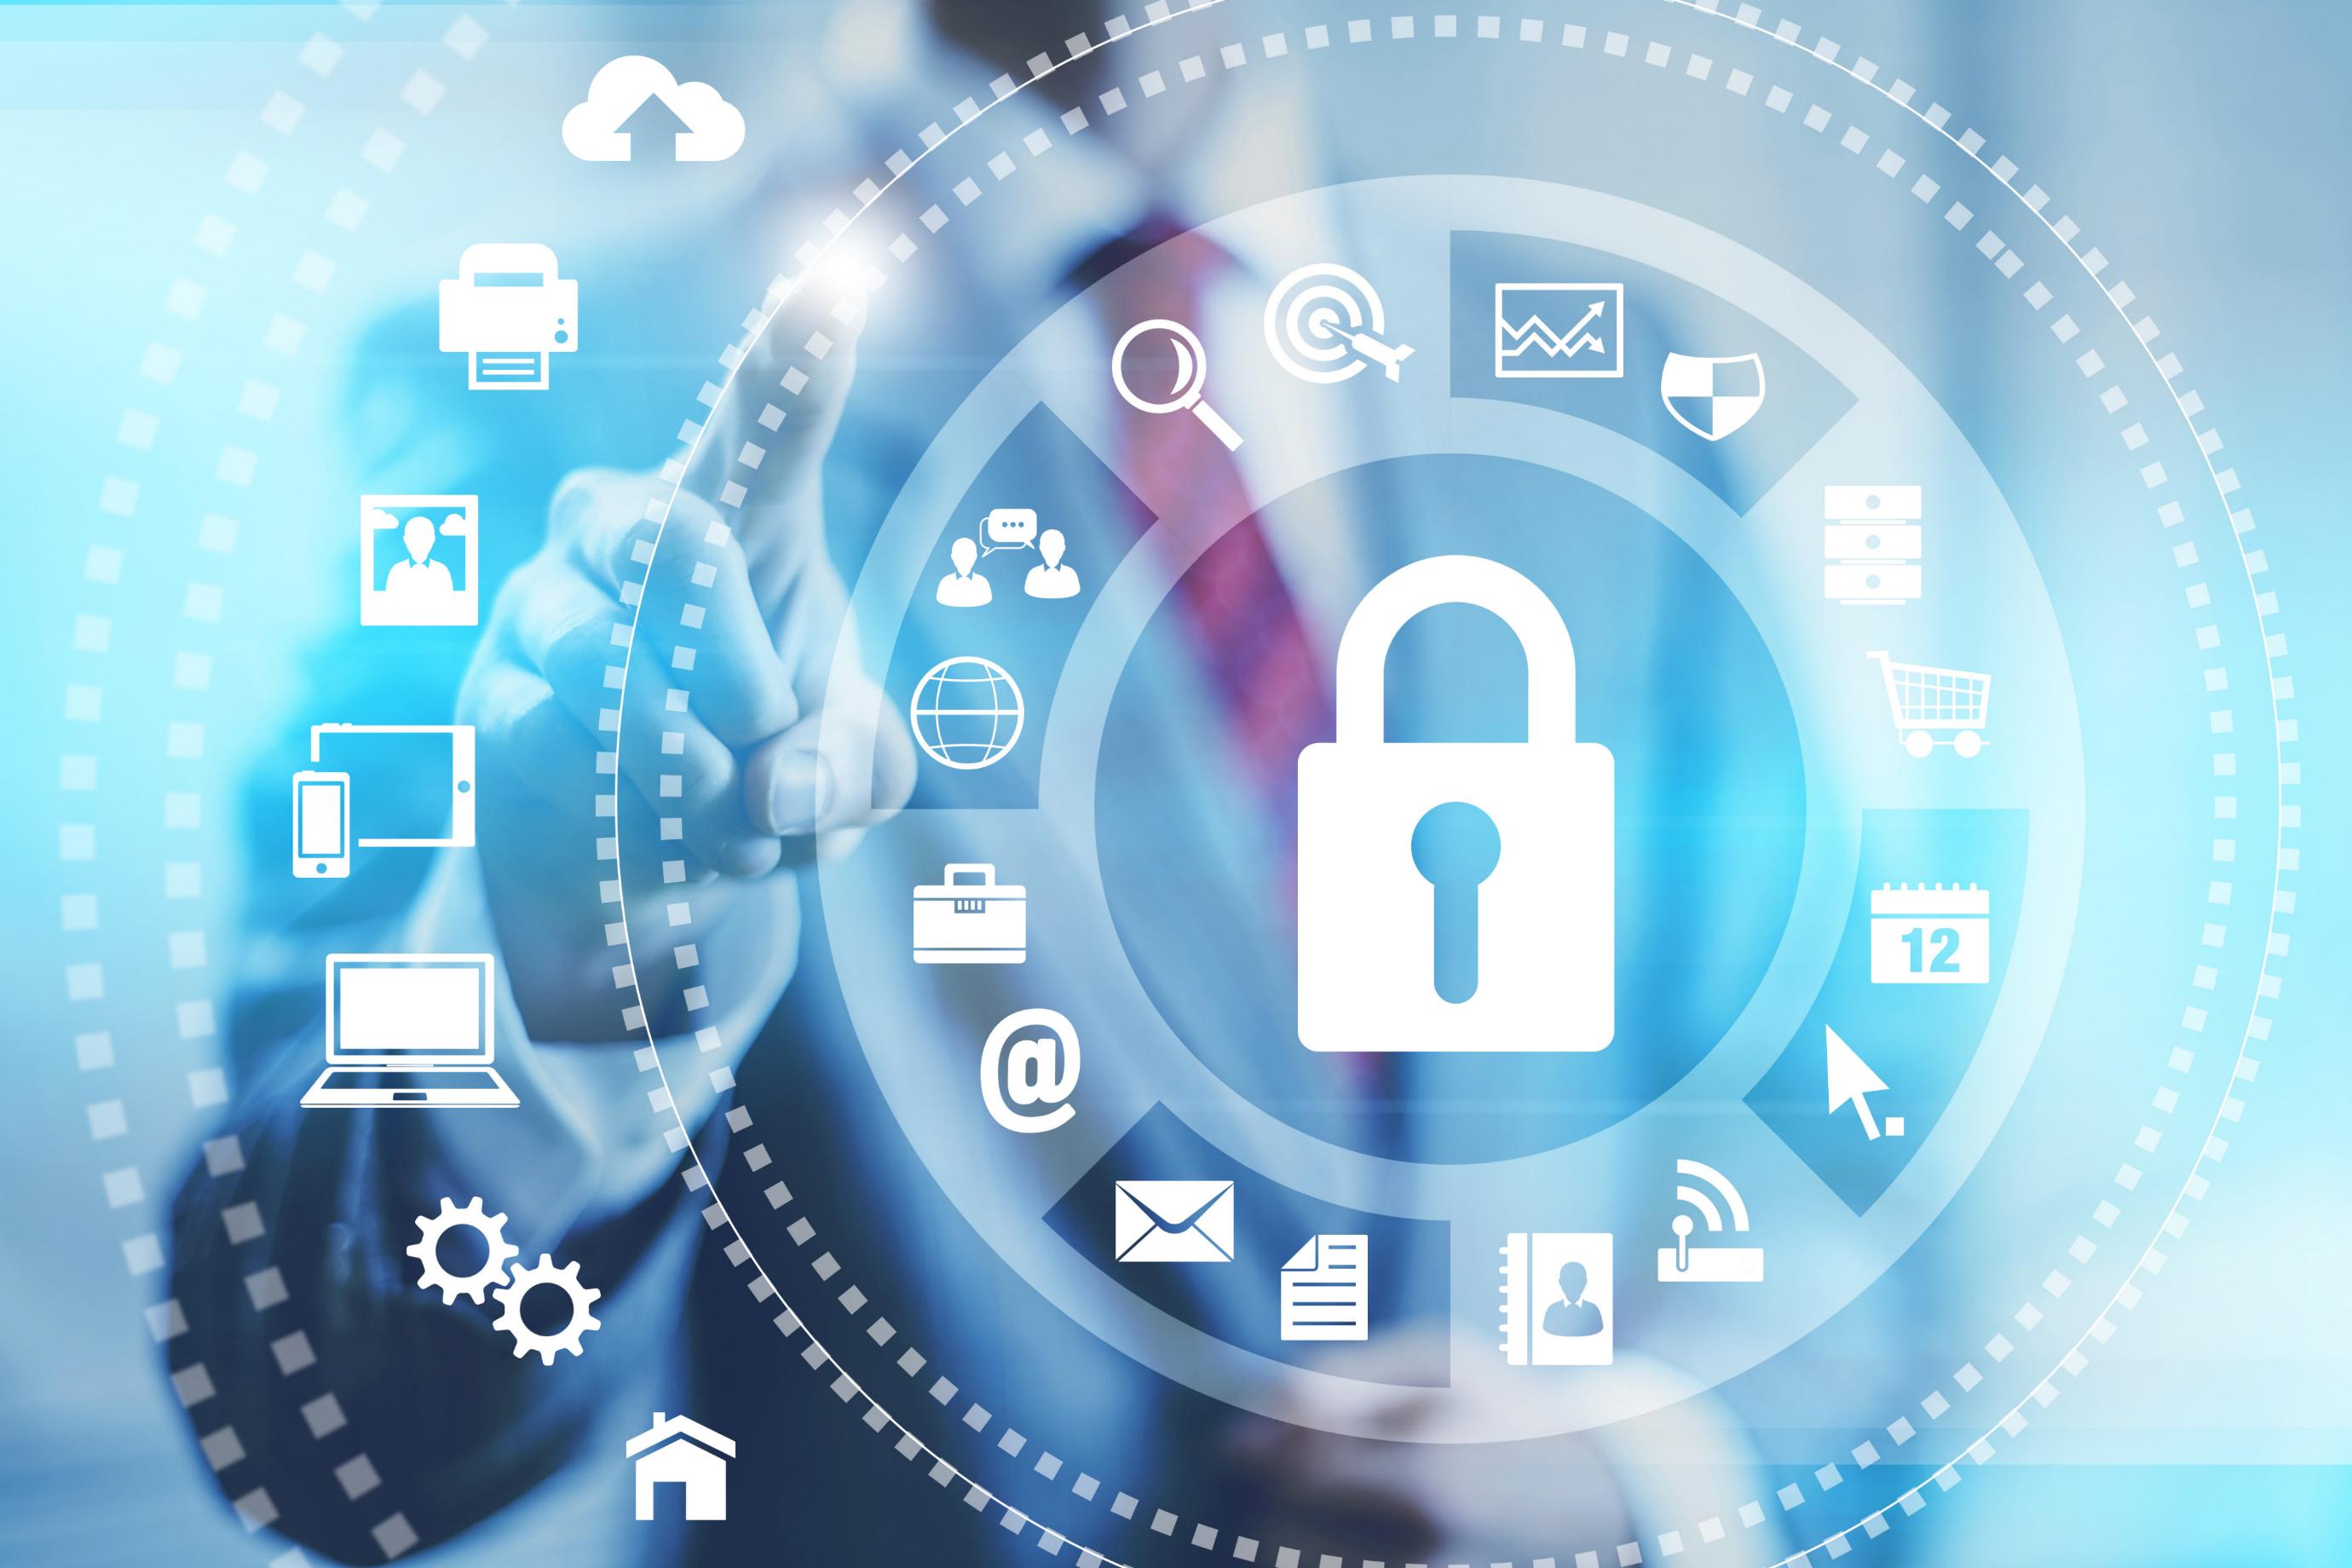 Интернет вещей несет ужасающие потенциальные угрозы безопасности